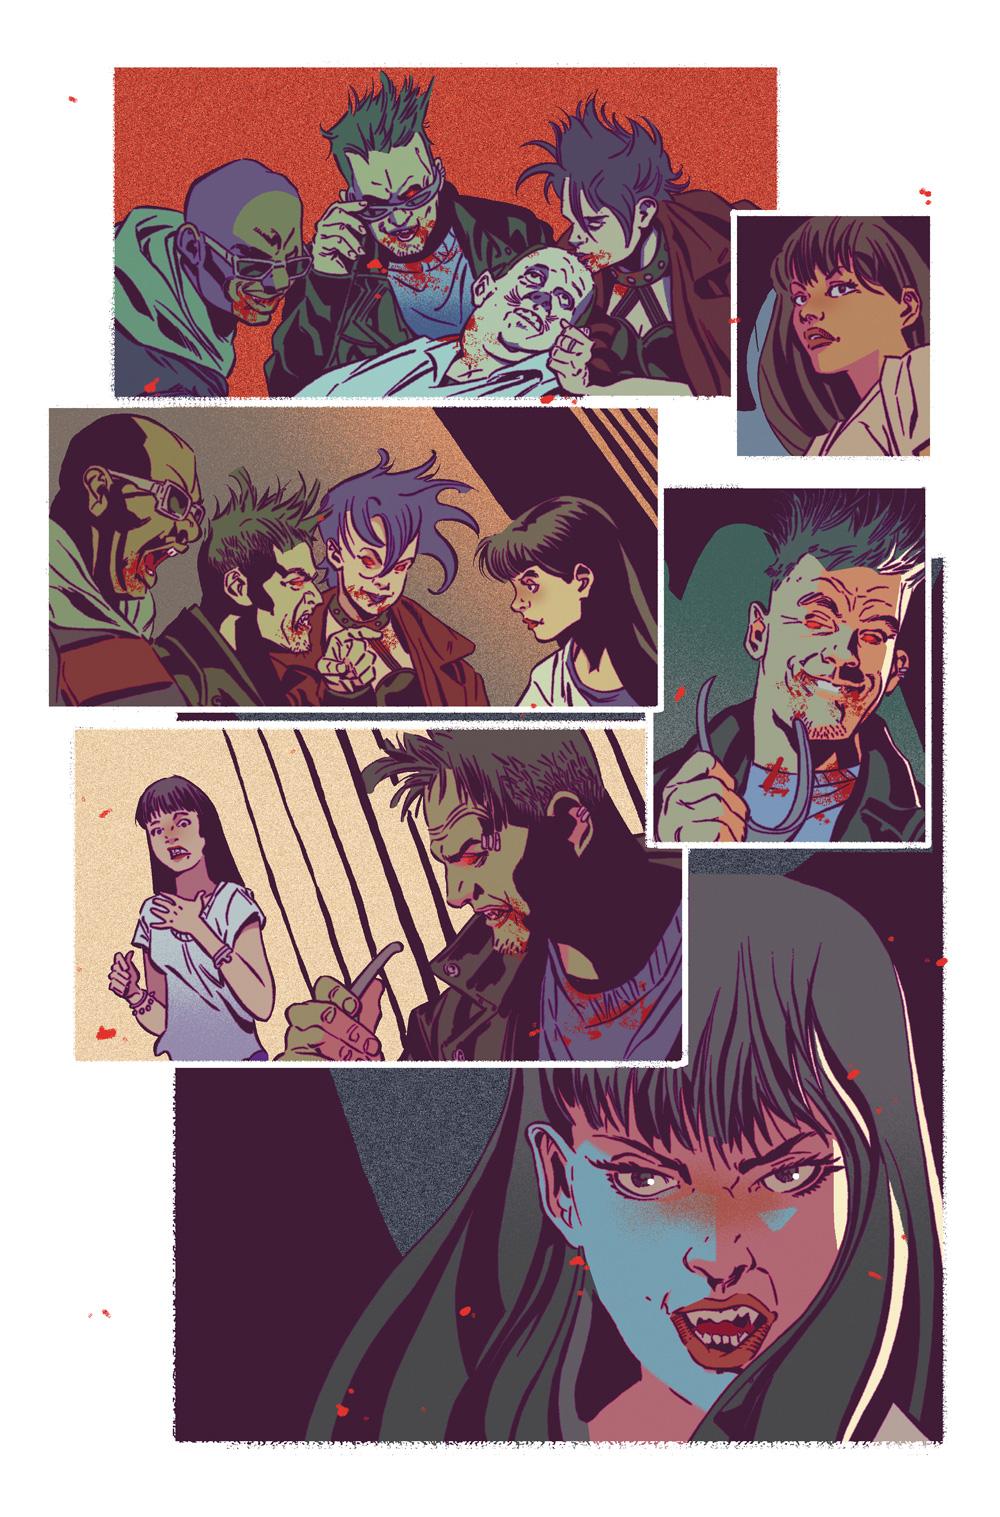 JTH-vs-Vampironica01_09.jpg